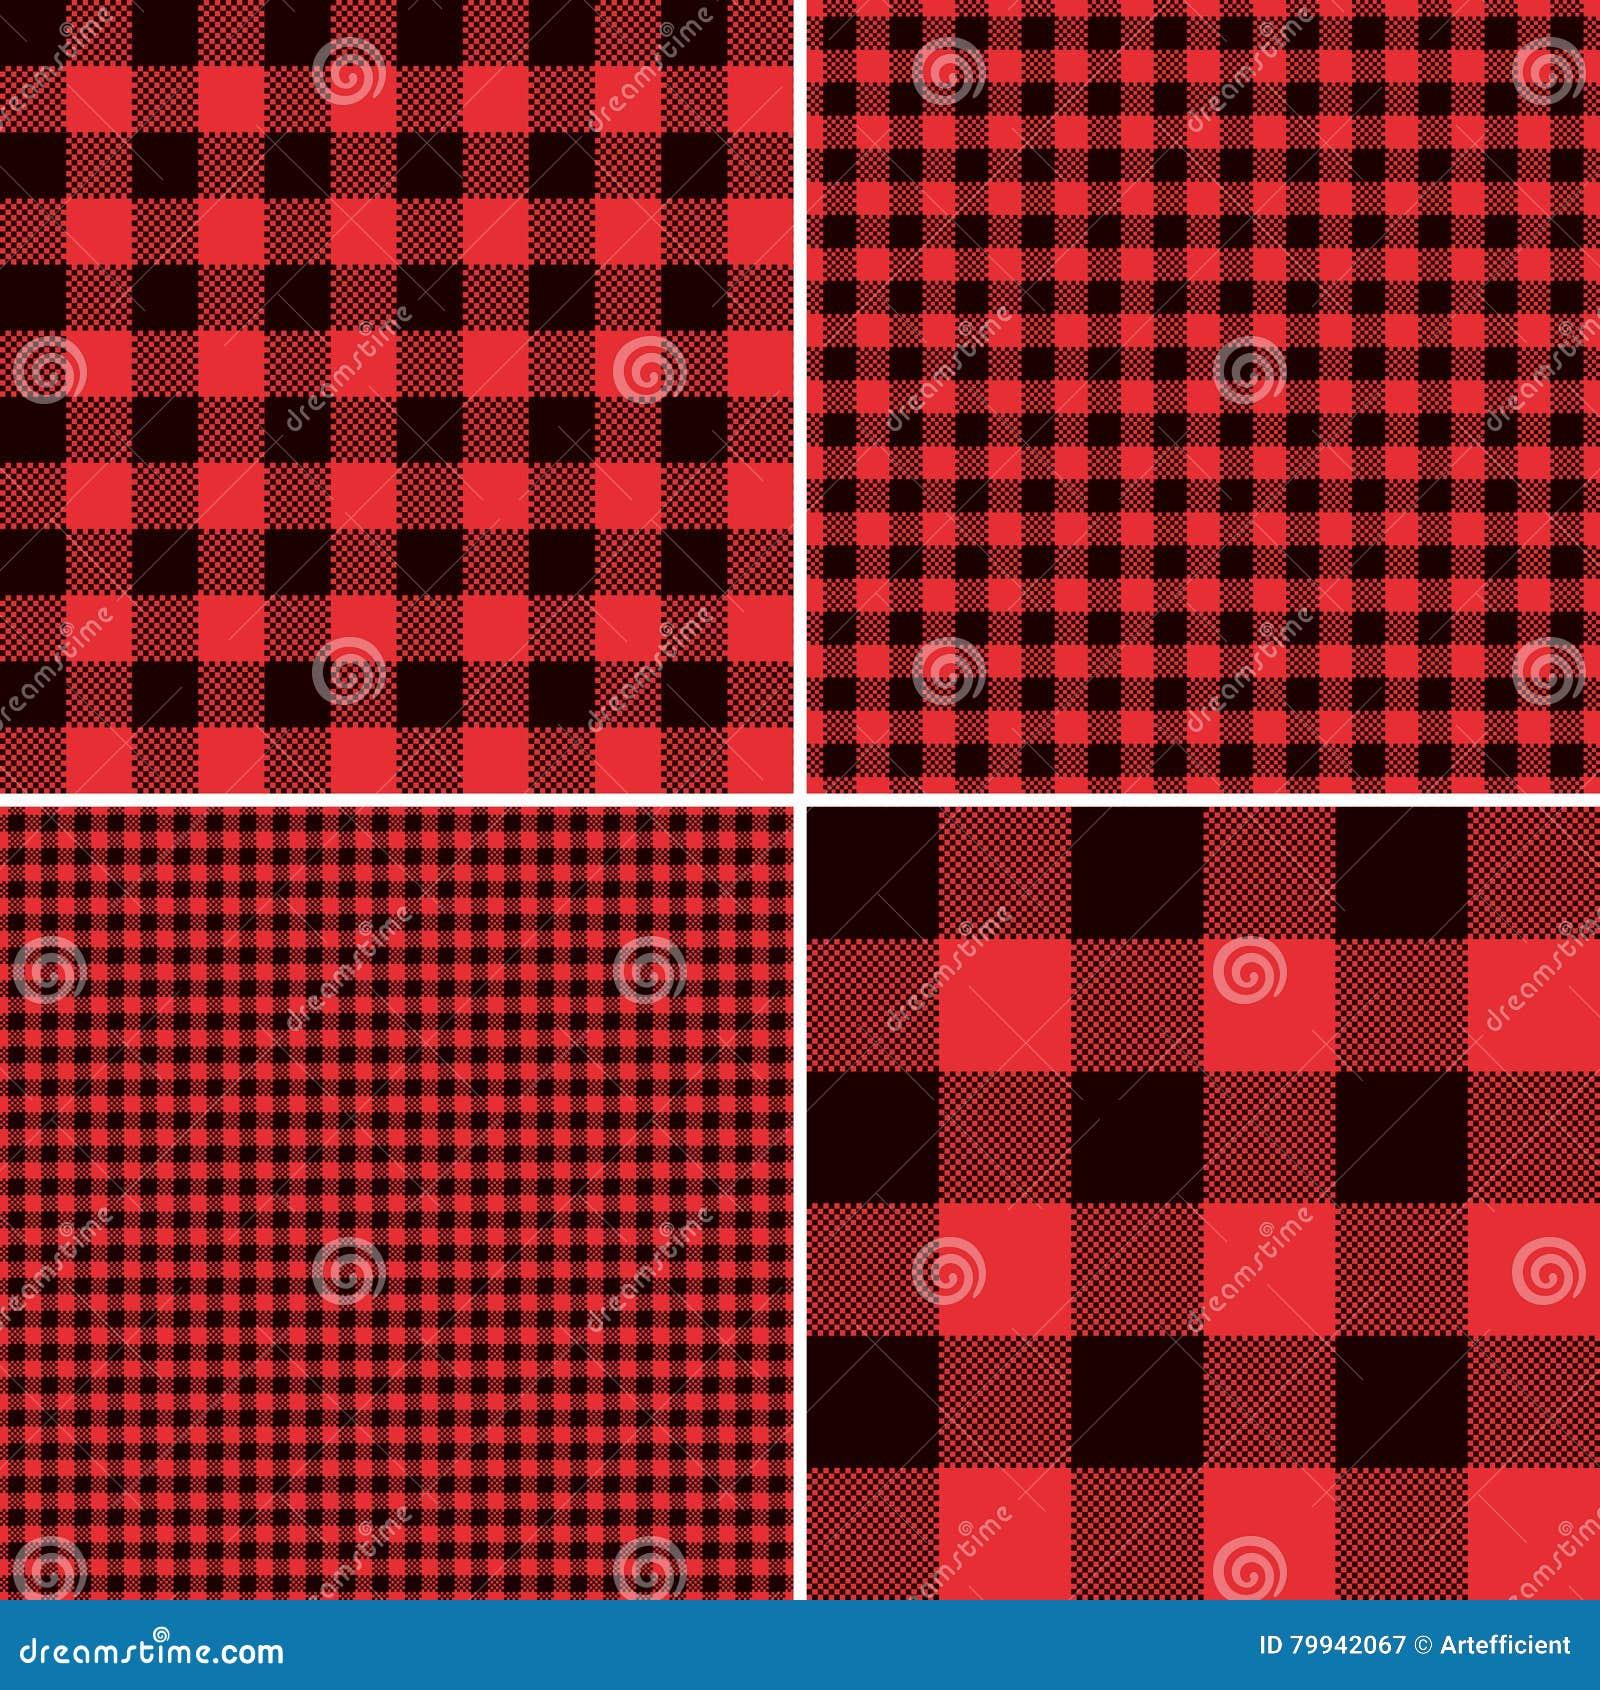 Modelos de la guinga de la tela escocesa de Red Buffalo Check del leñador y del pixel del cuadrado